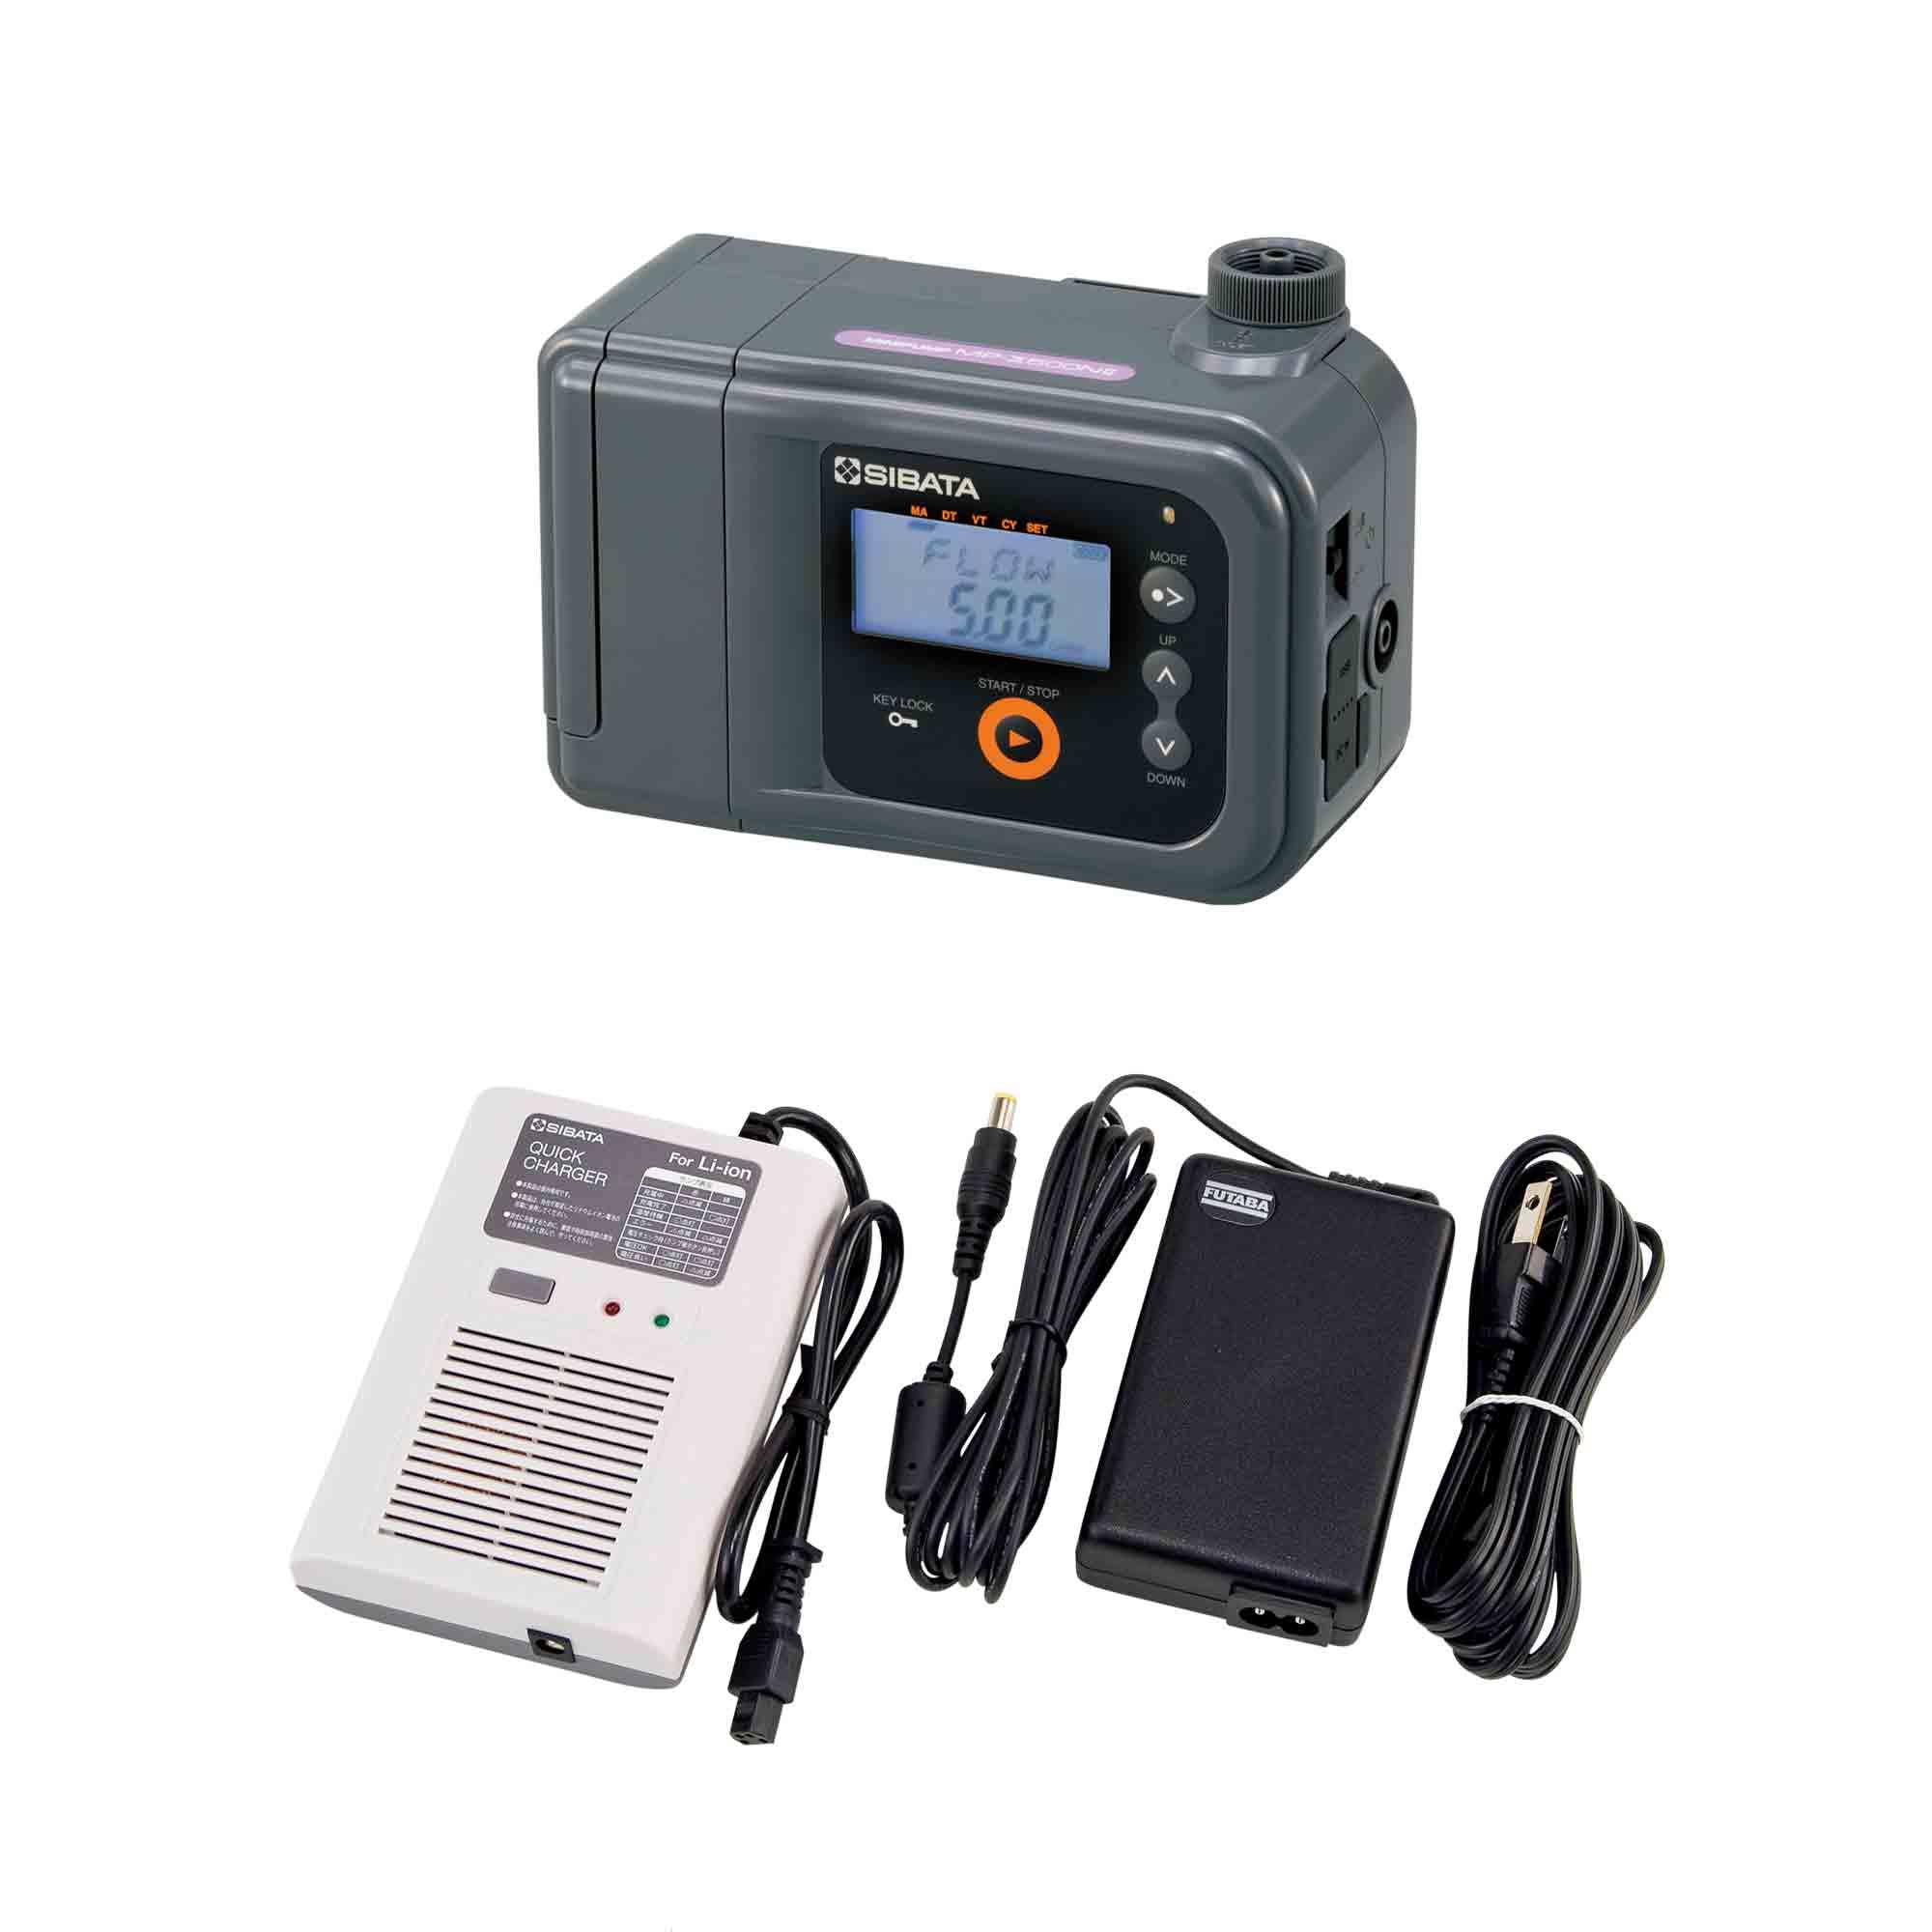 ミニポンプ MP-Σ500N2 クイックチャージャー QC-10N付